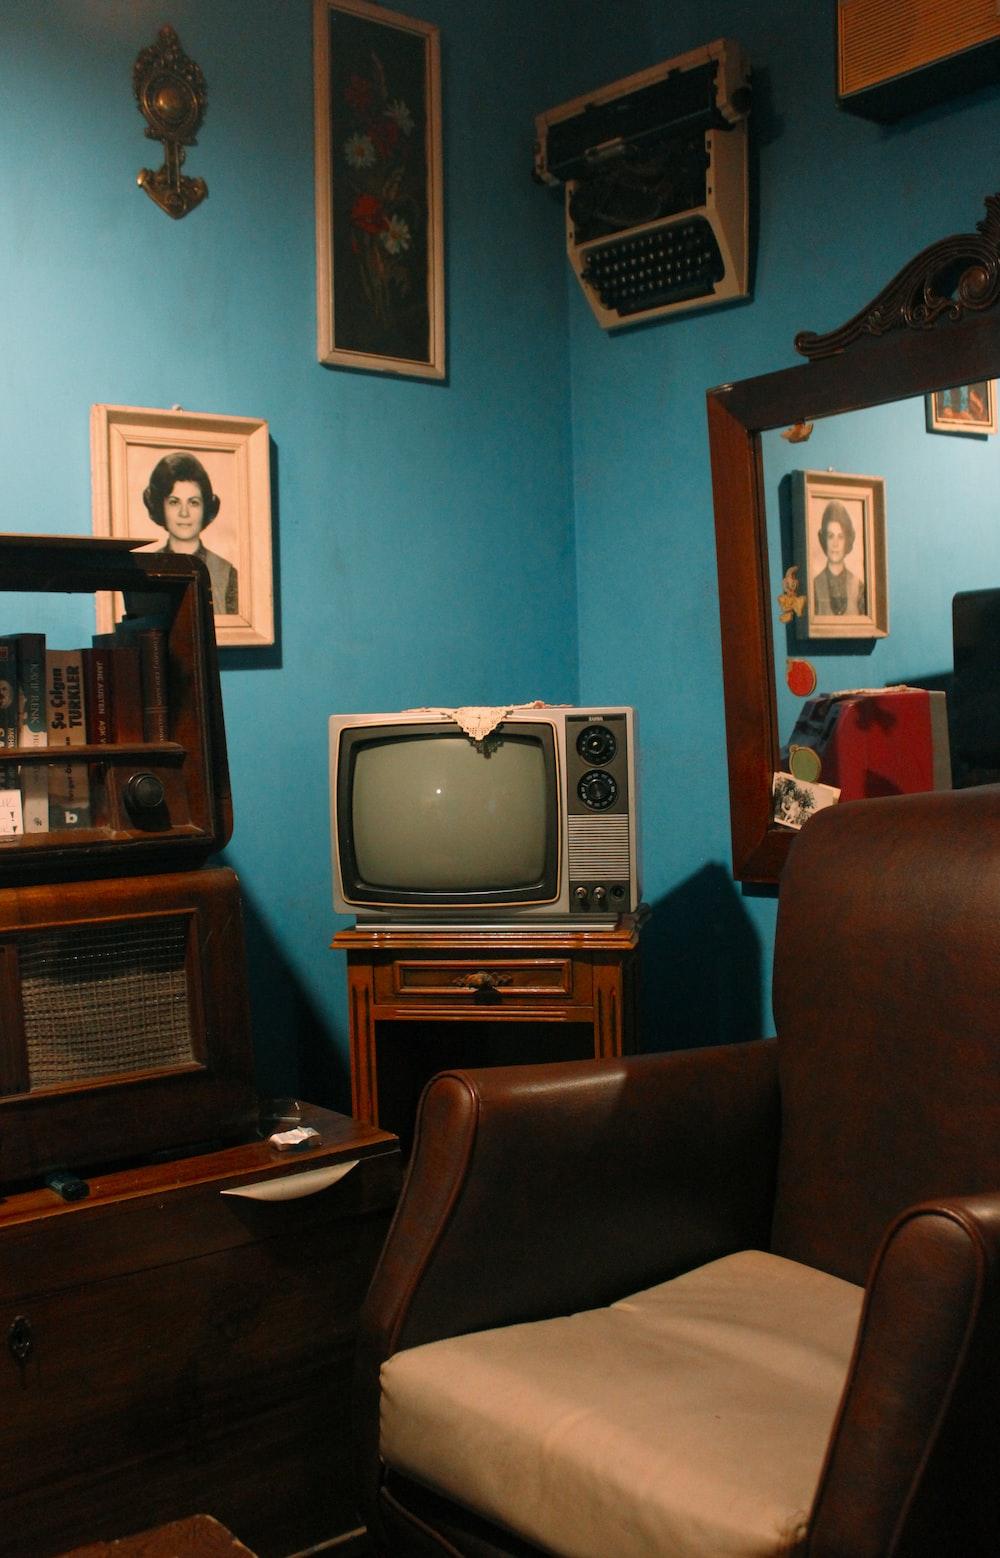 gray crt tv on brown wooden tv rack